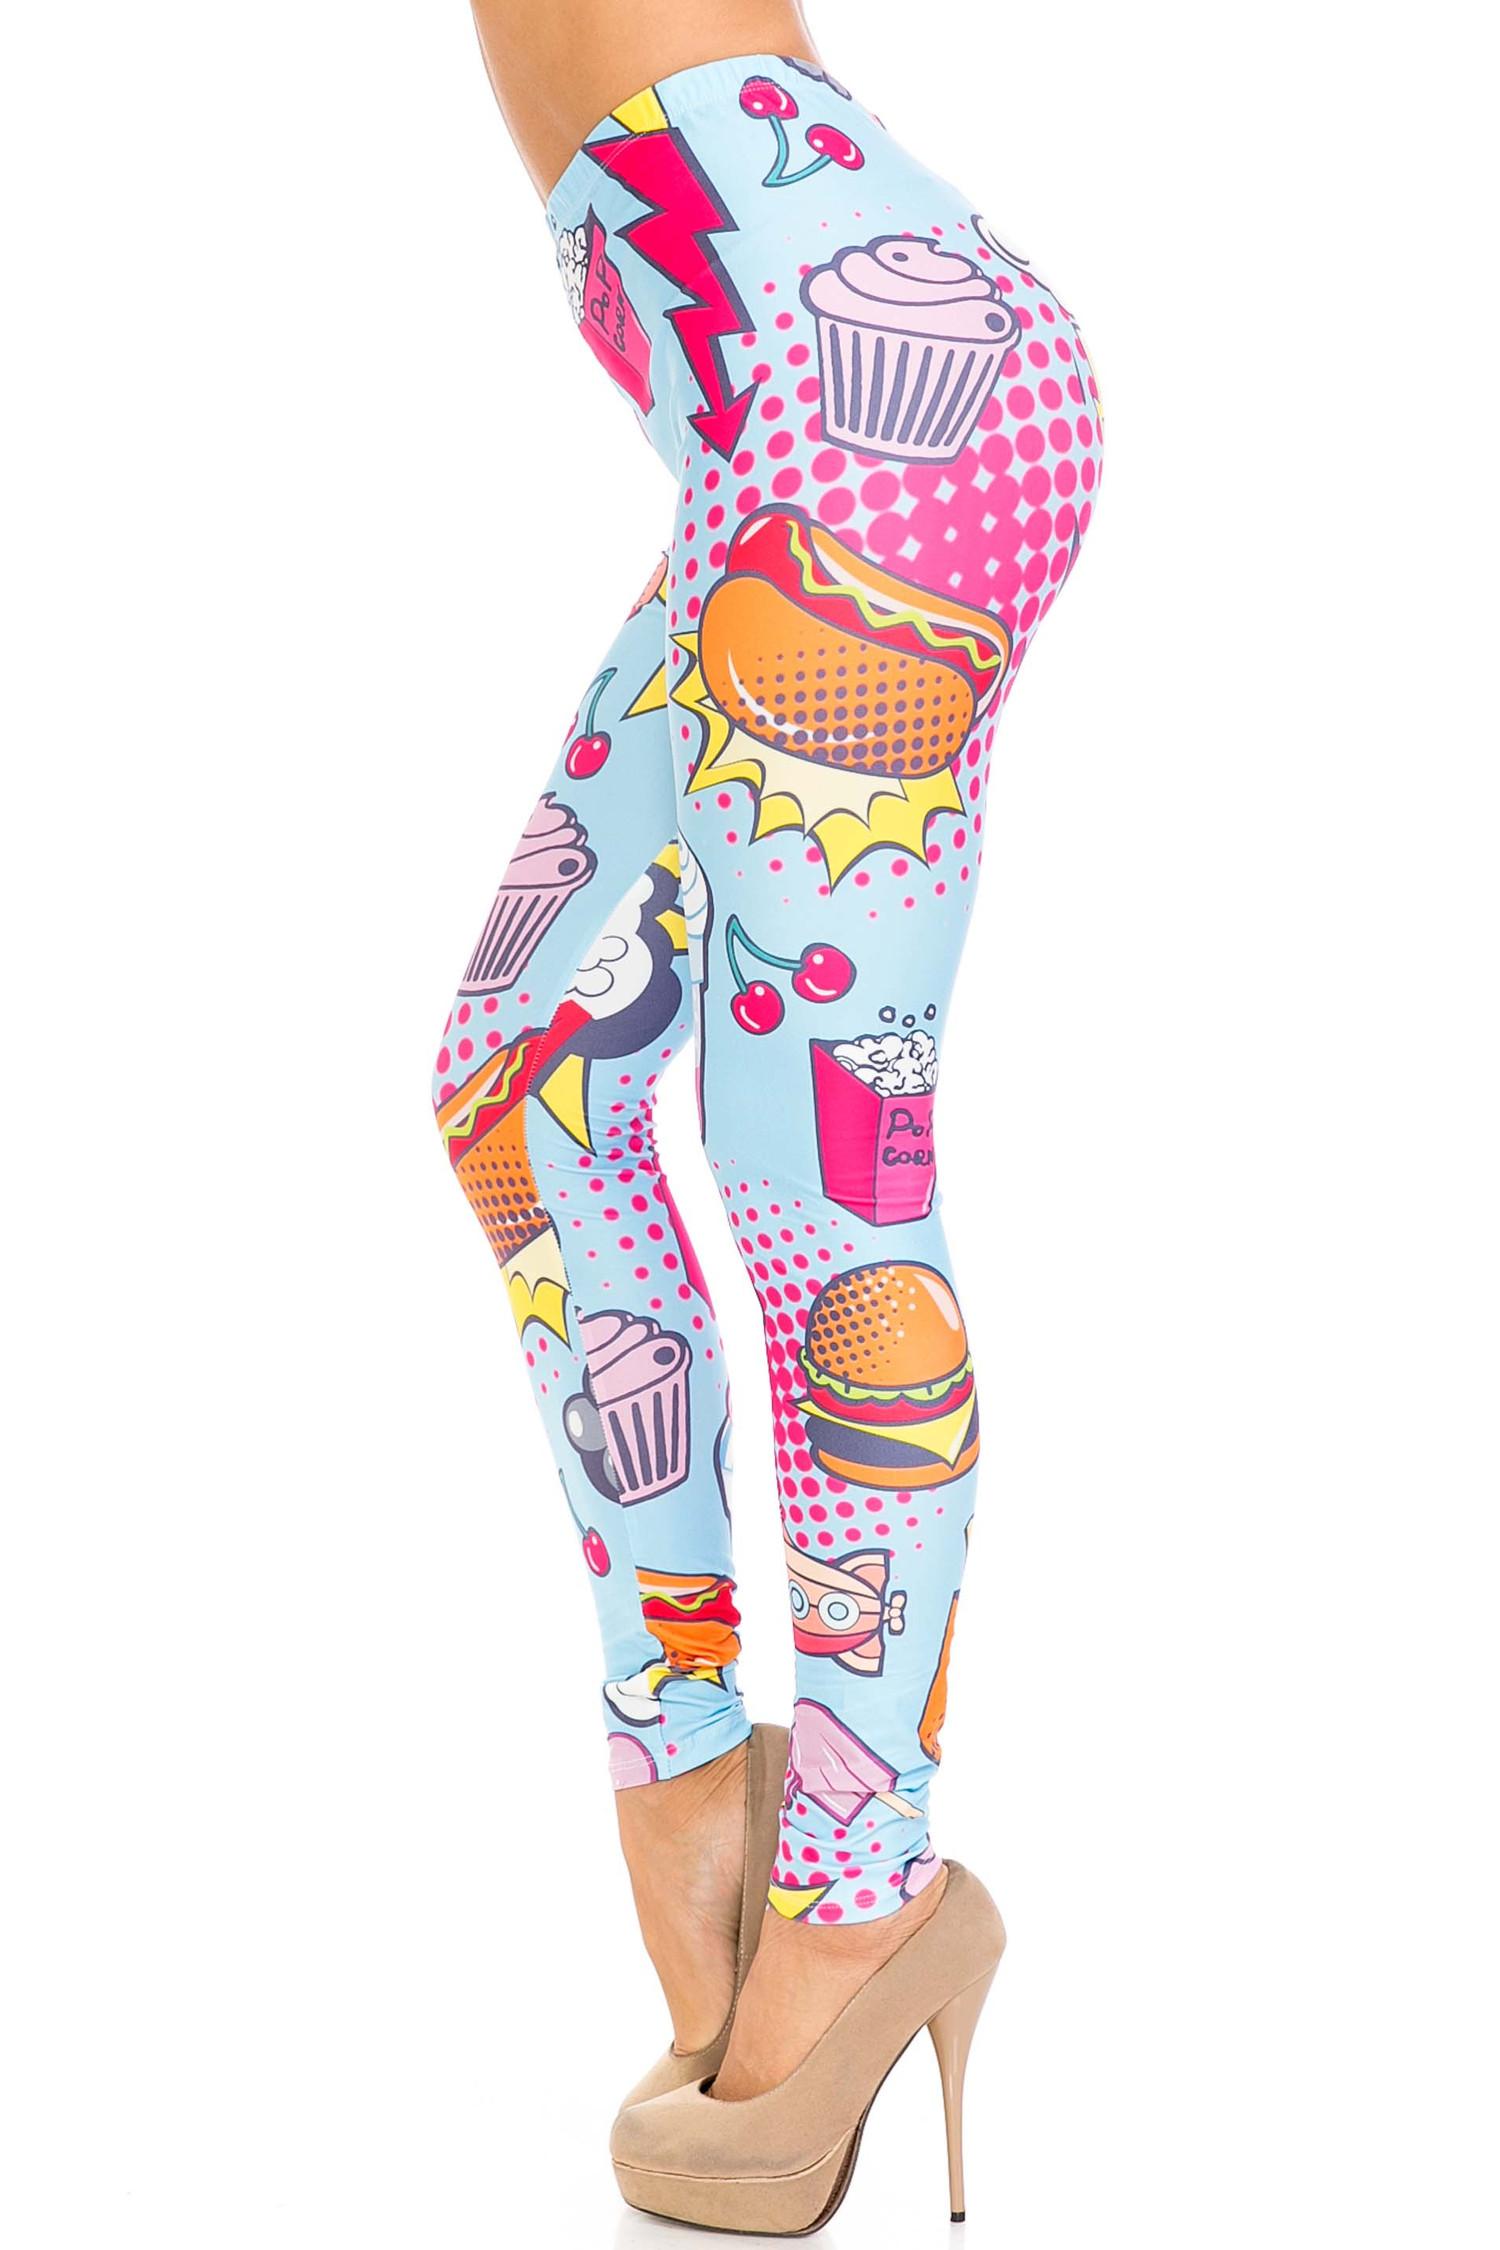 Creamy Soft Fast Food Comic Plus Size Leggings - USA Fashion™